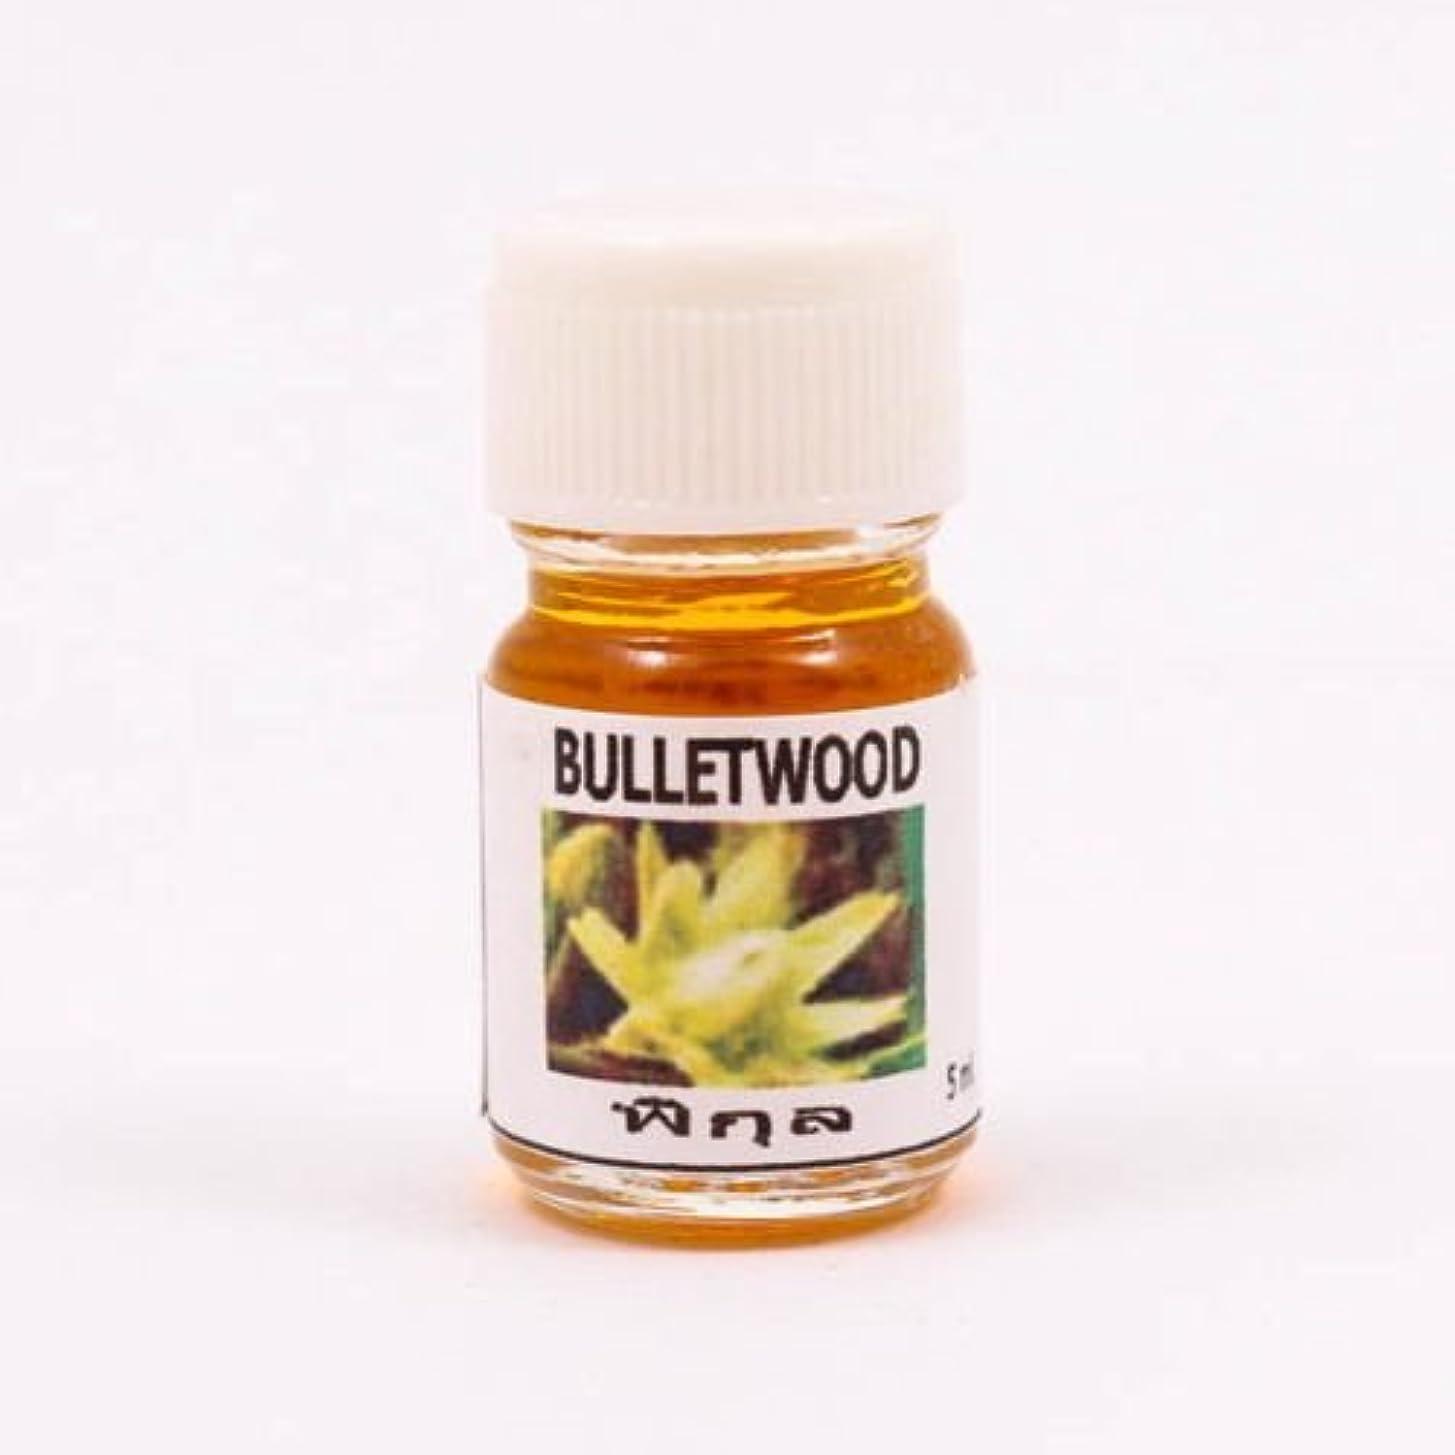 インフレーション勢い道を作る6X Bulletwood Aroma Fragrance Essential Oil 5ML. Diffuser Burner Therapy